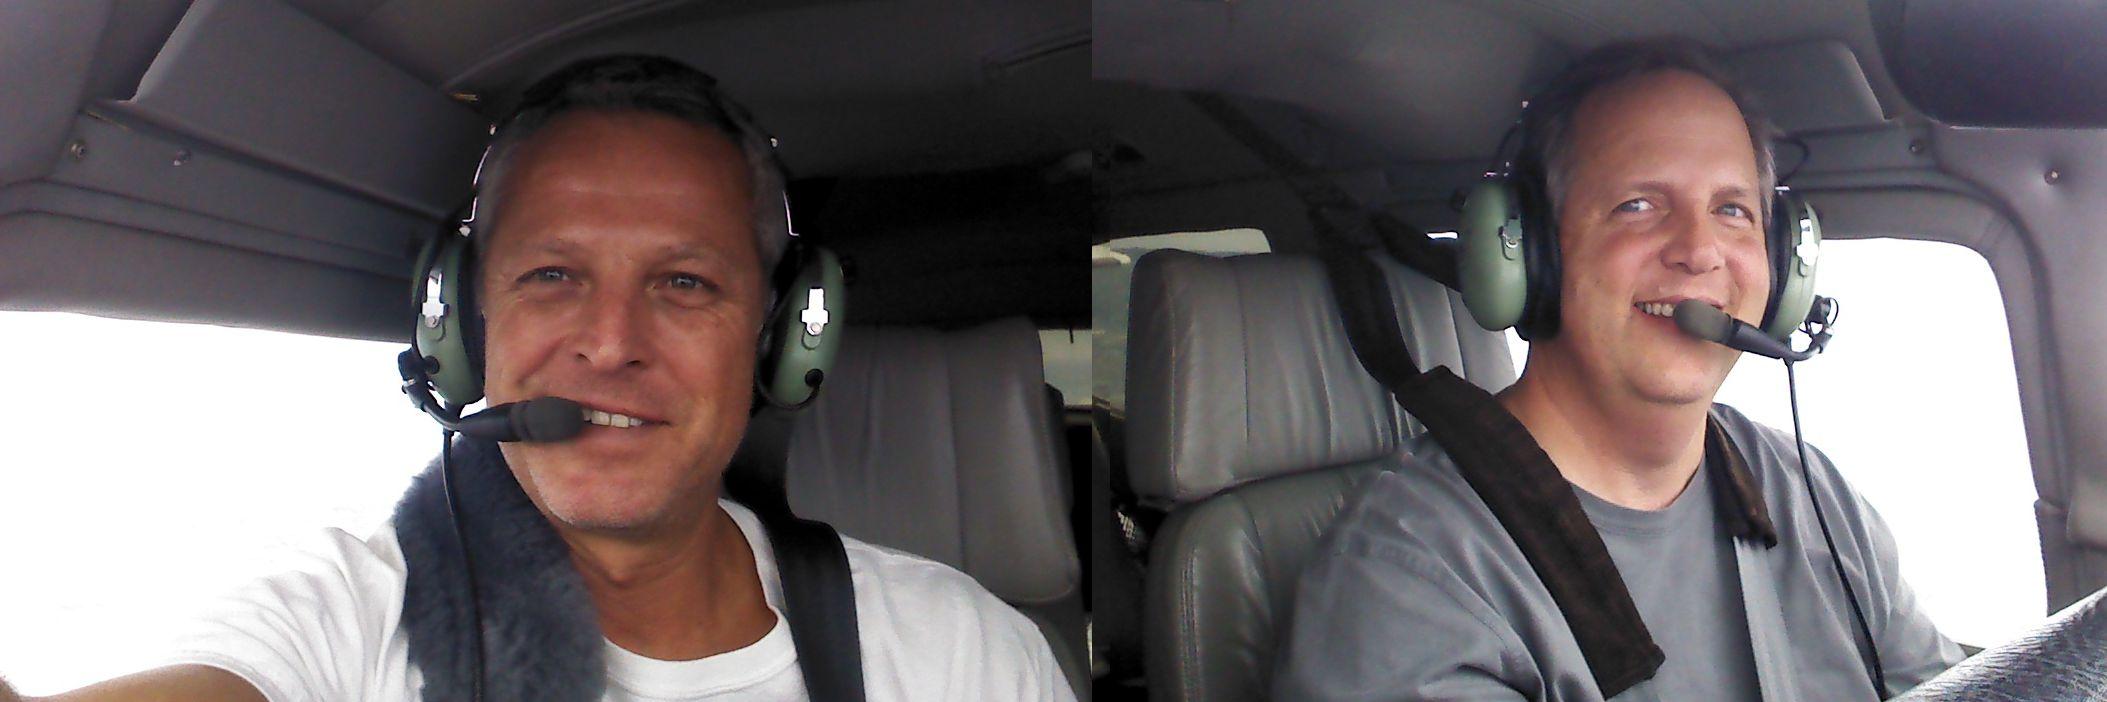 Flying with Geoff Klotz